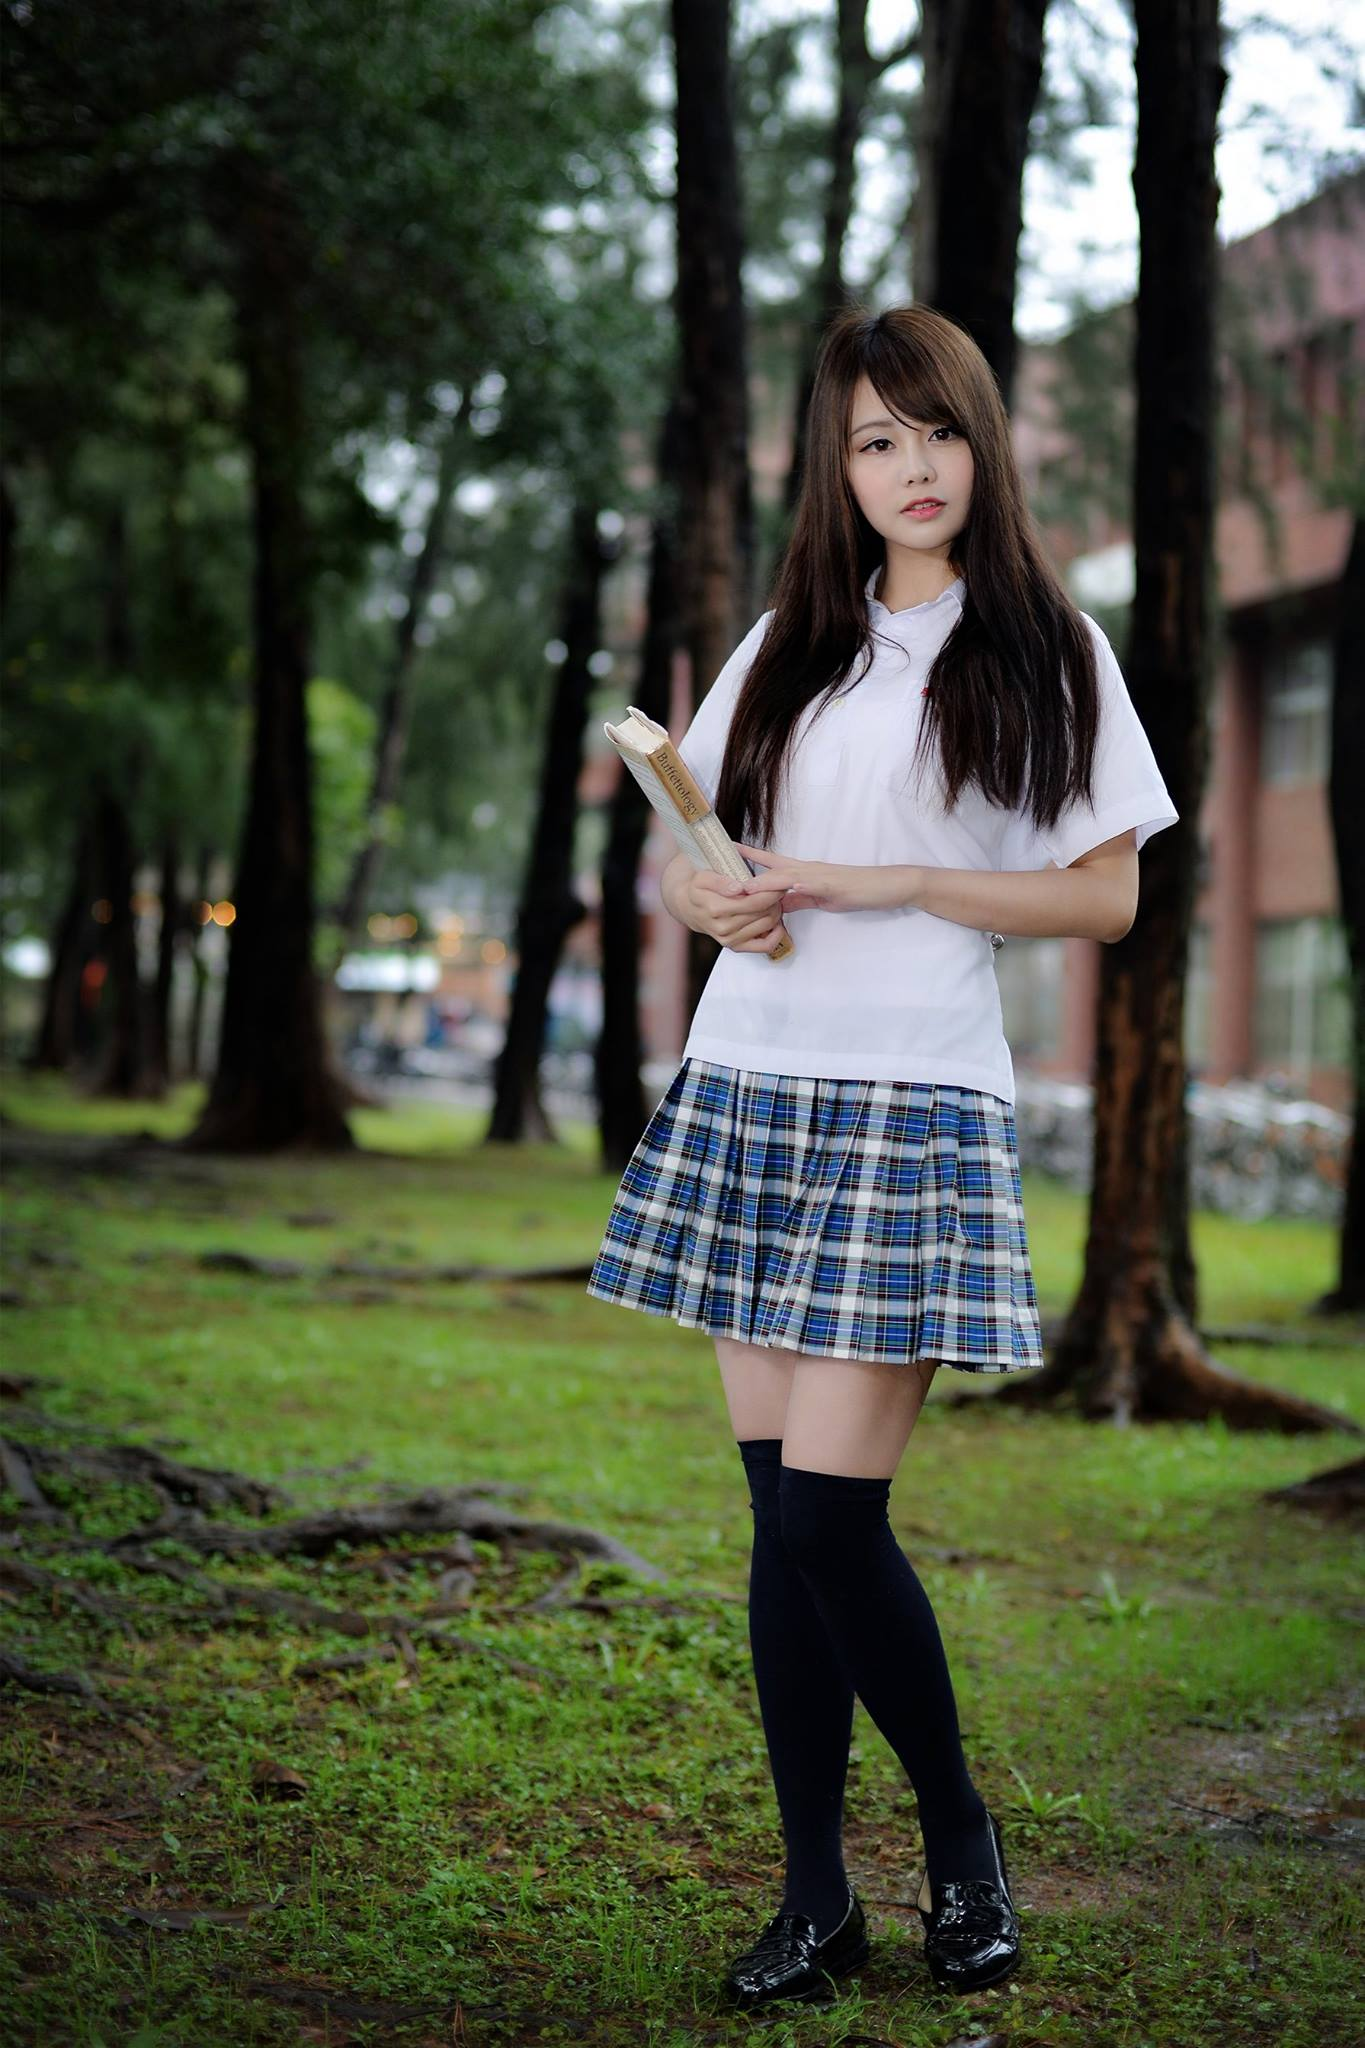 臺灣高校 臺北市學校列表 | Uniform Map 制服地圖